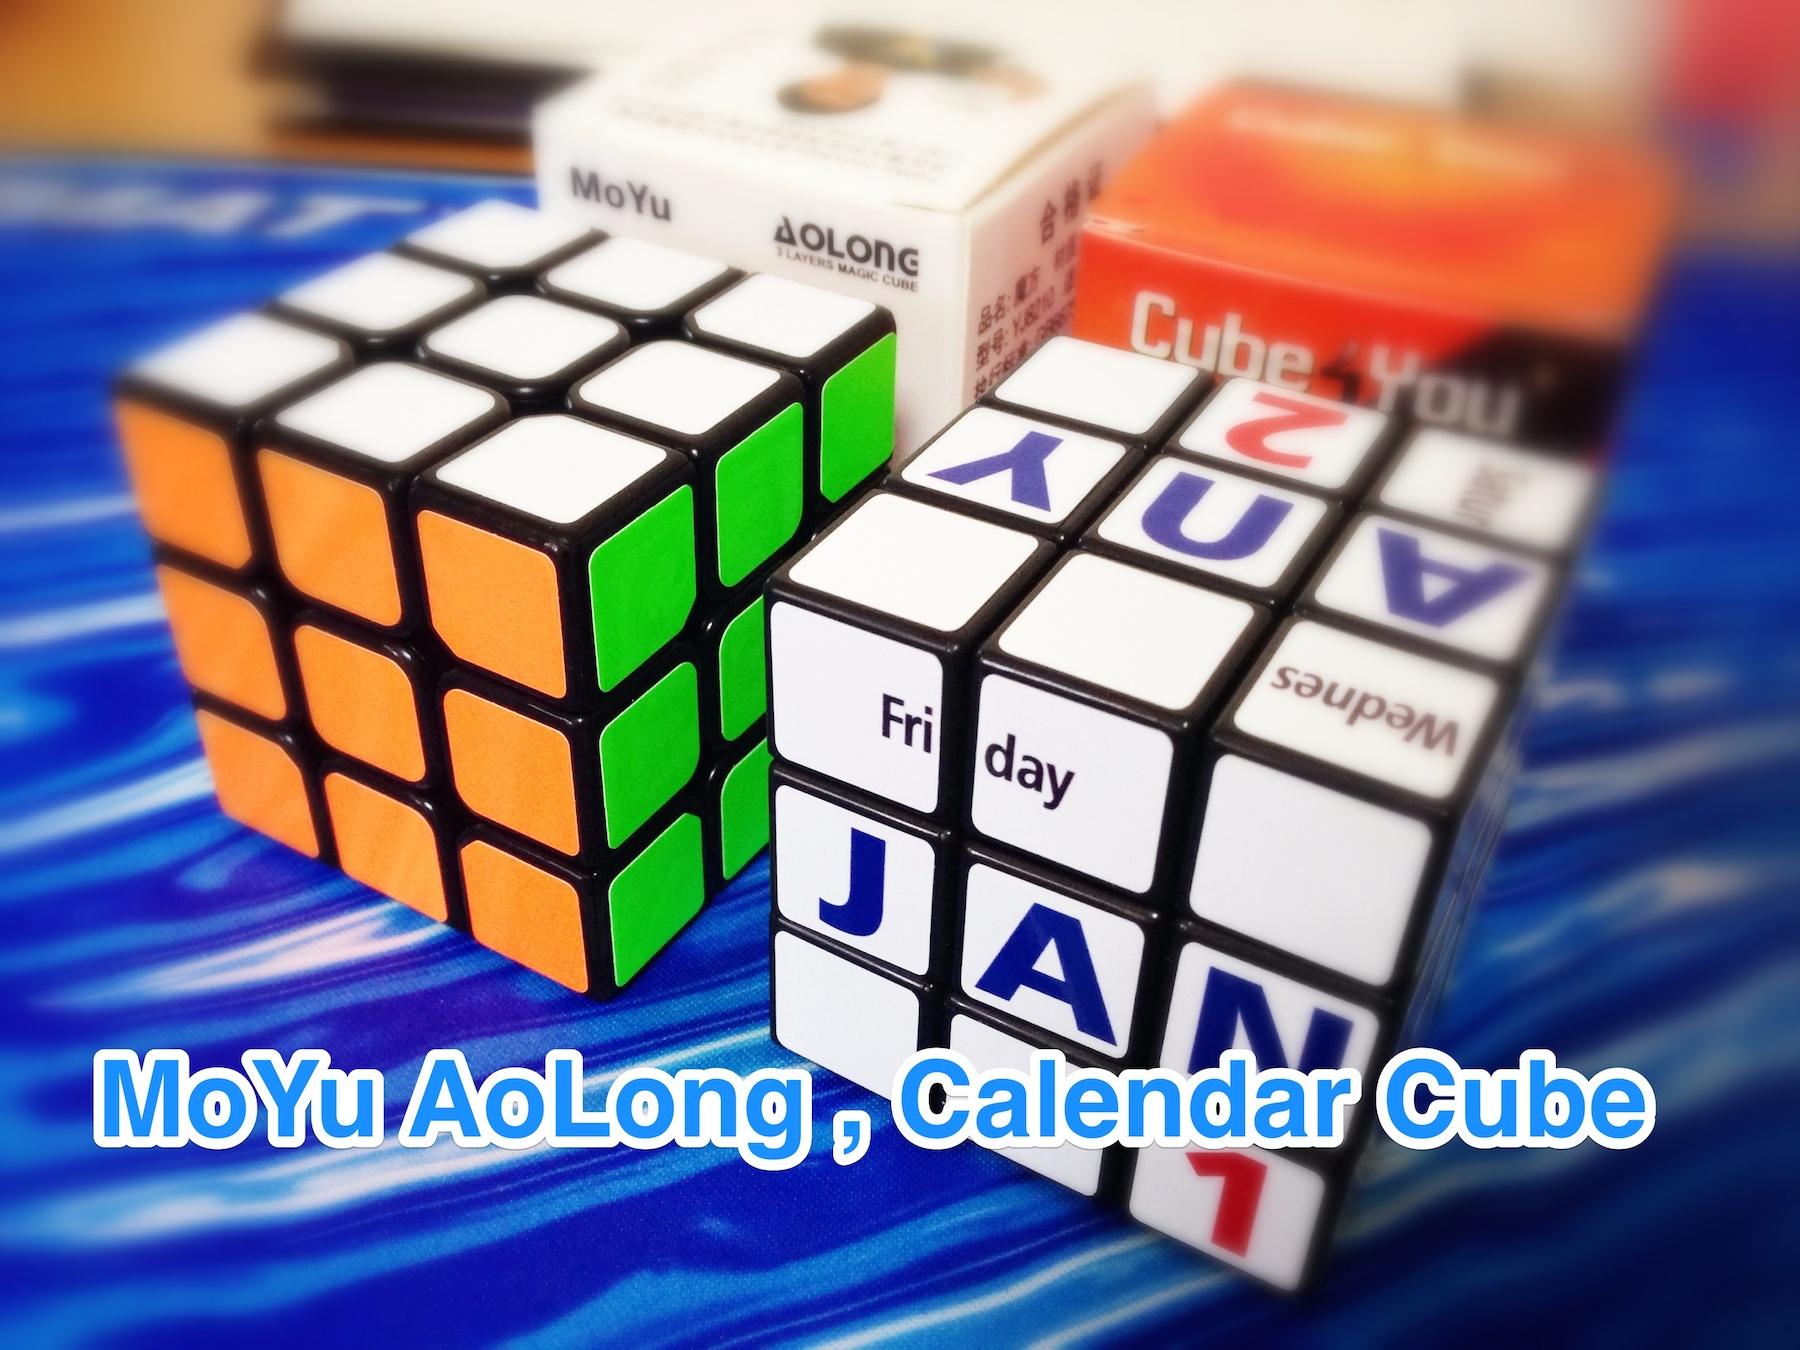 MoYu AoLong,Calndar Cube